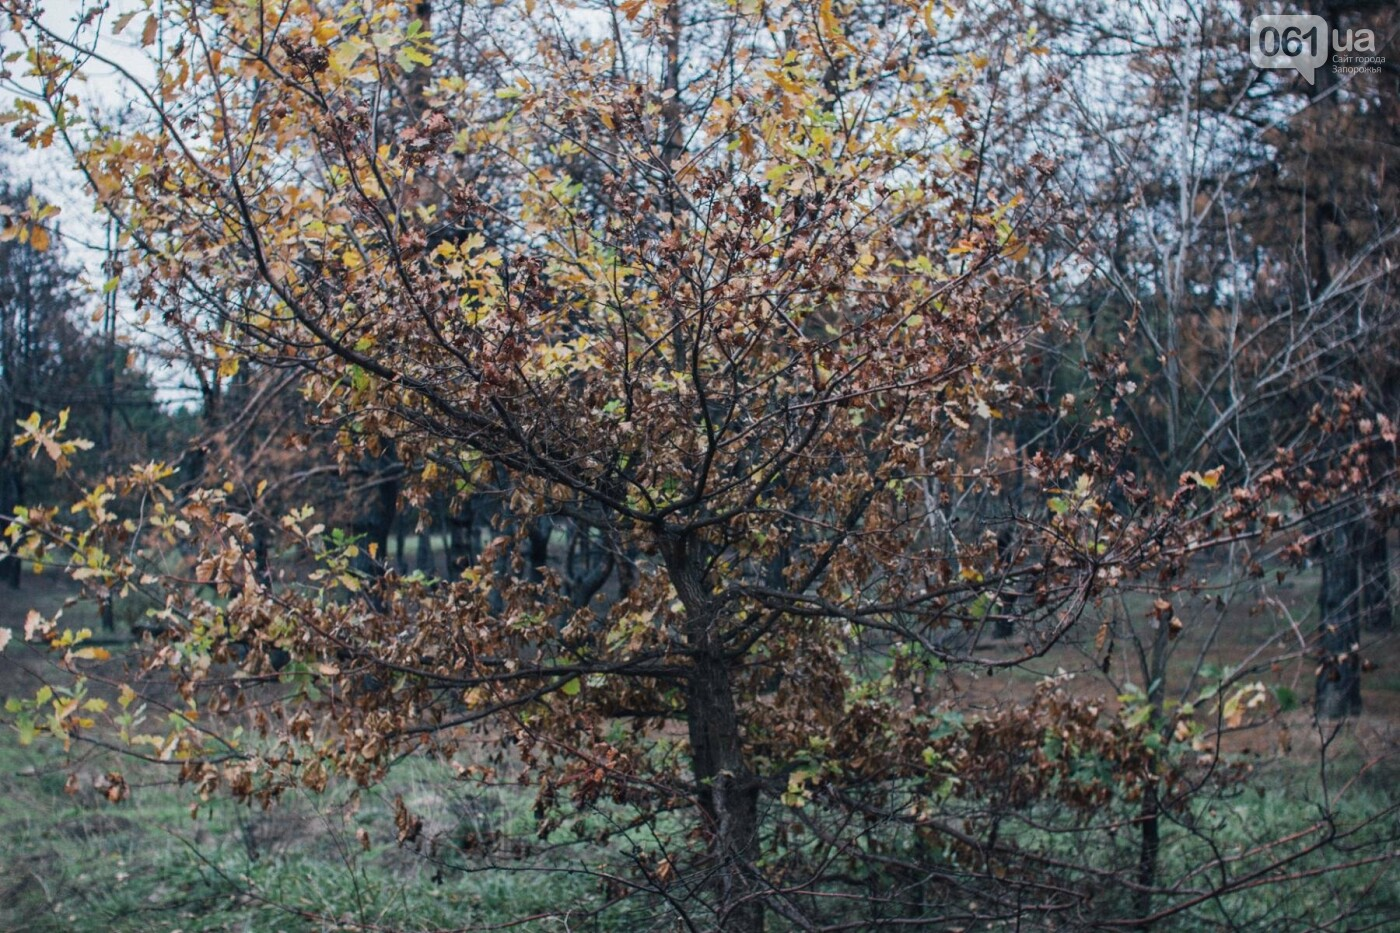 Четыре дня до зимы: как выглядит Хортица поздней осенью, - ФОТОРЕПОРТАЖ, фото-31